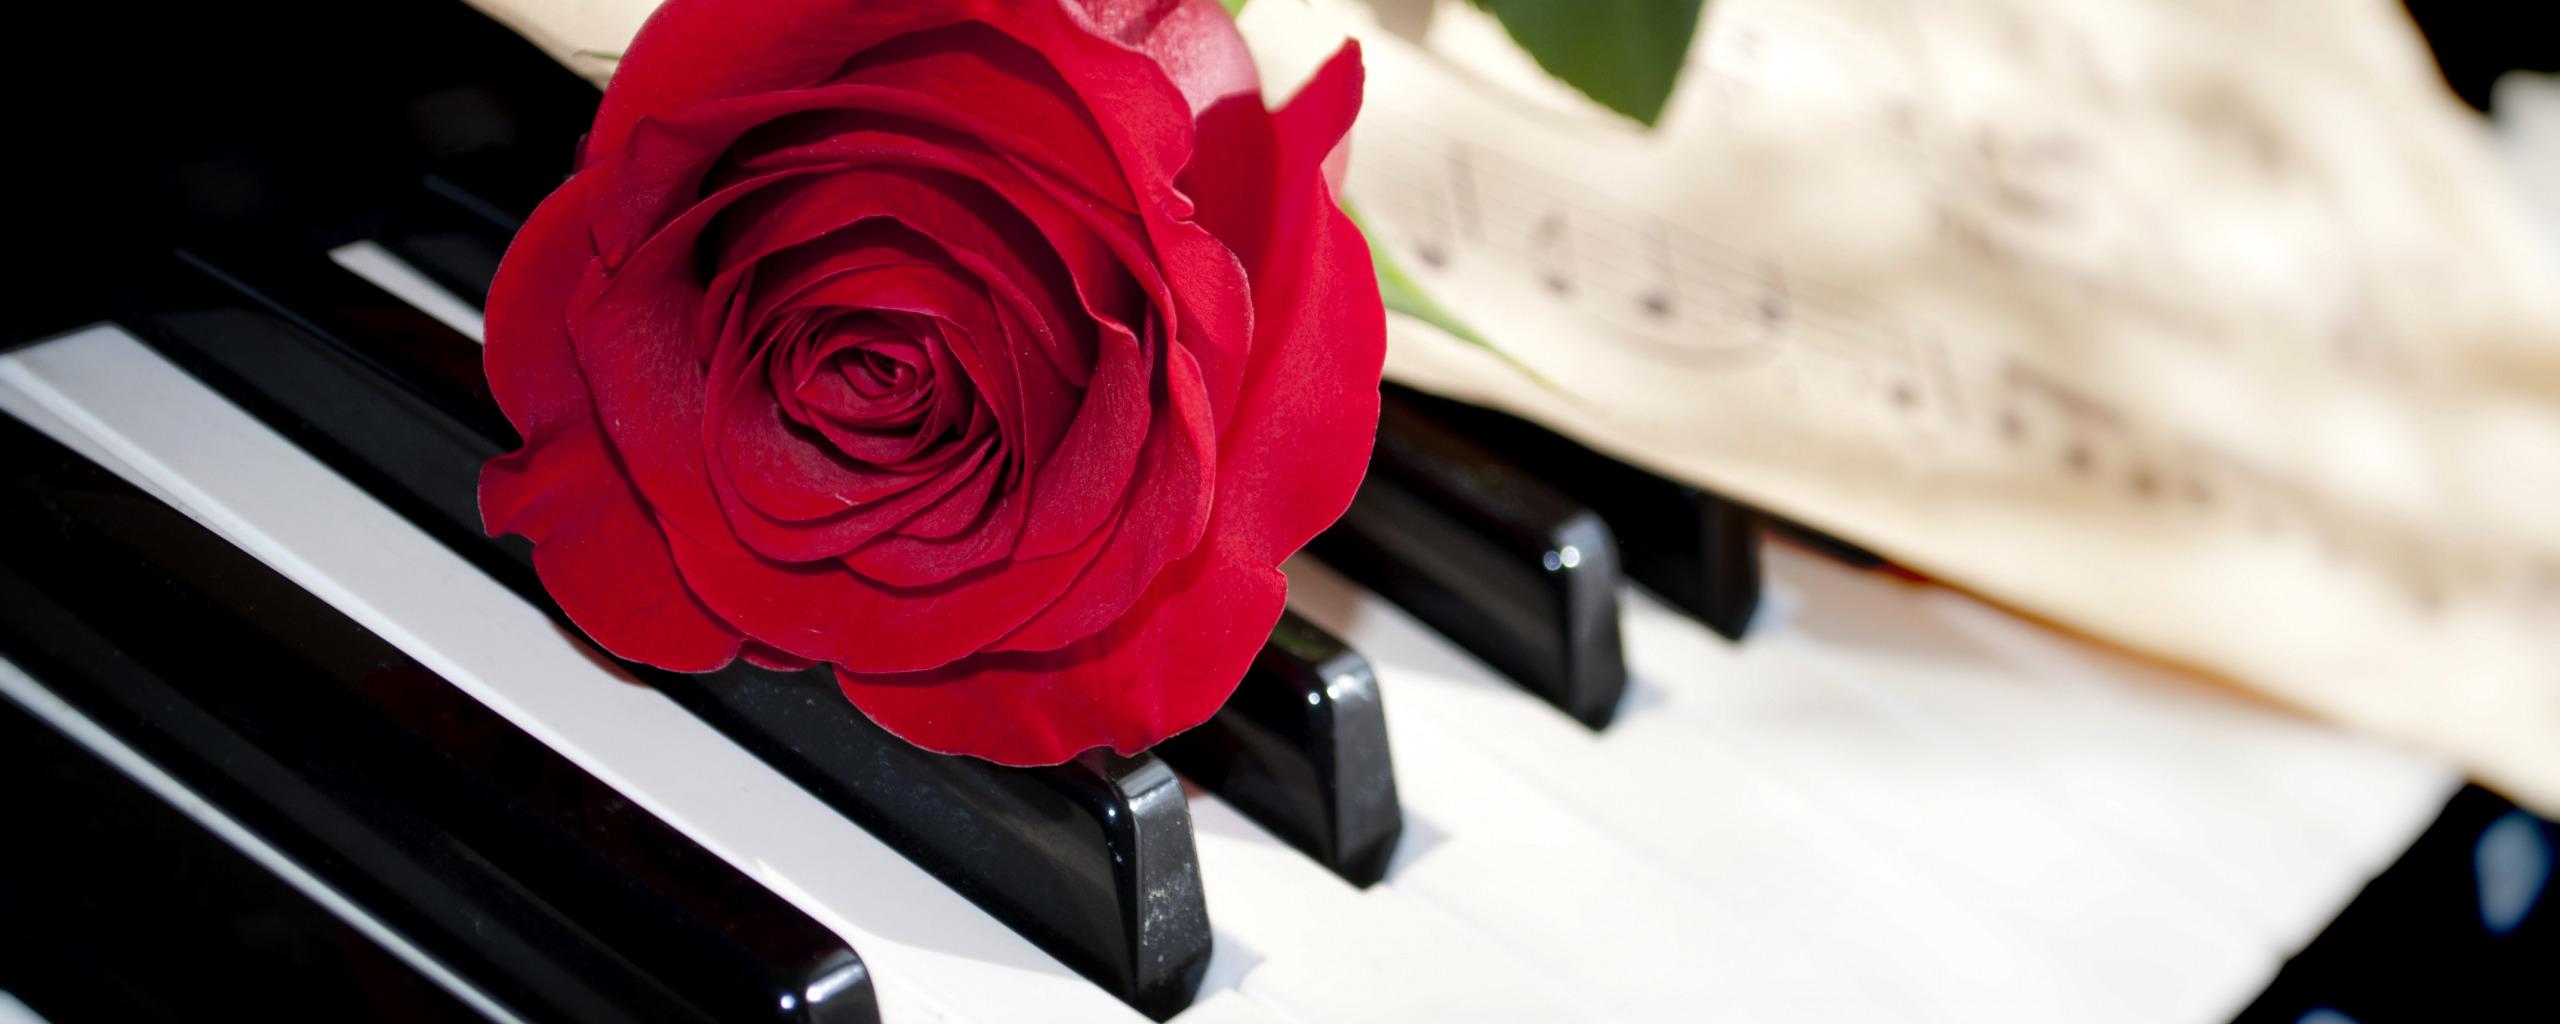 картинка розы и клавиши профиль